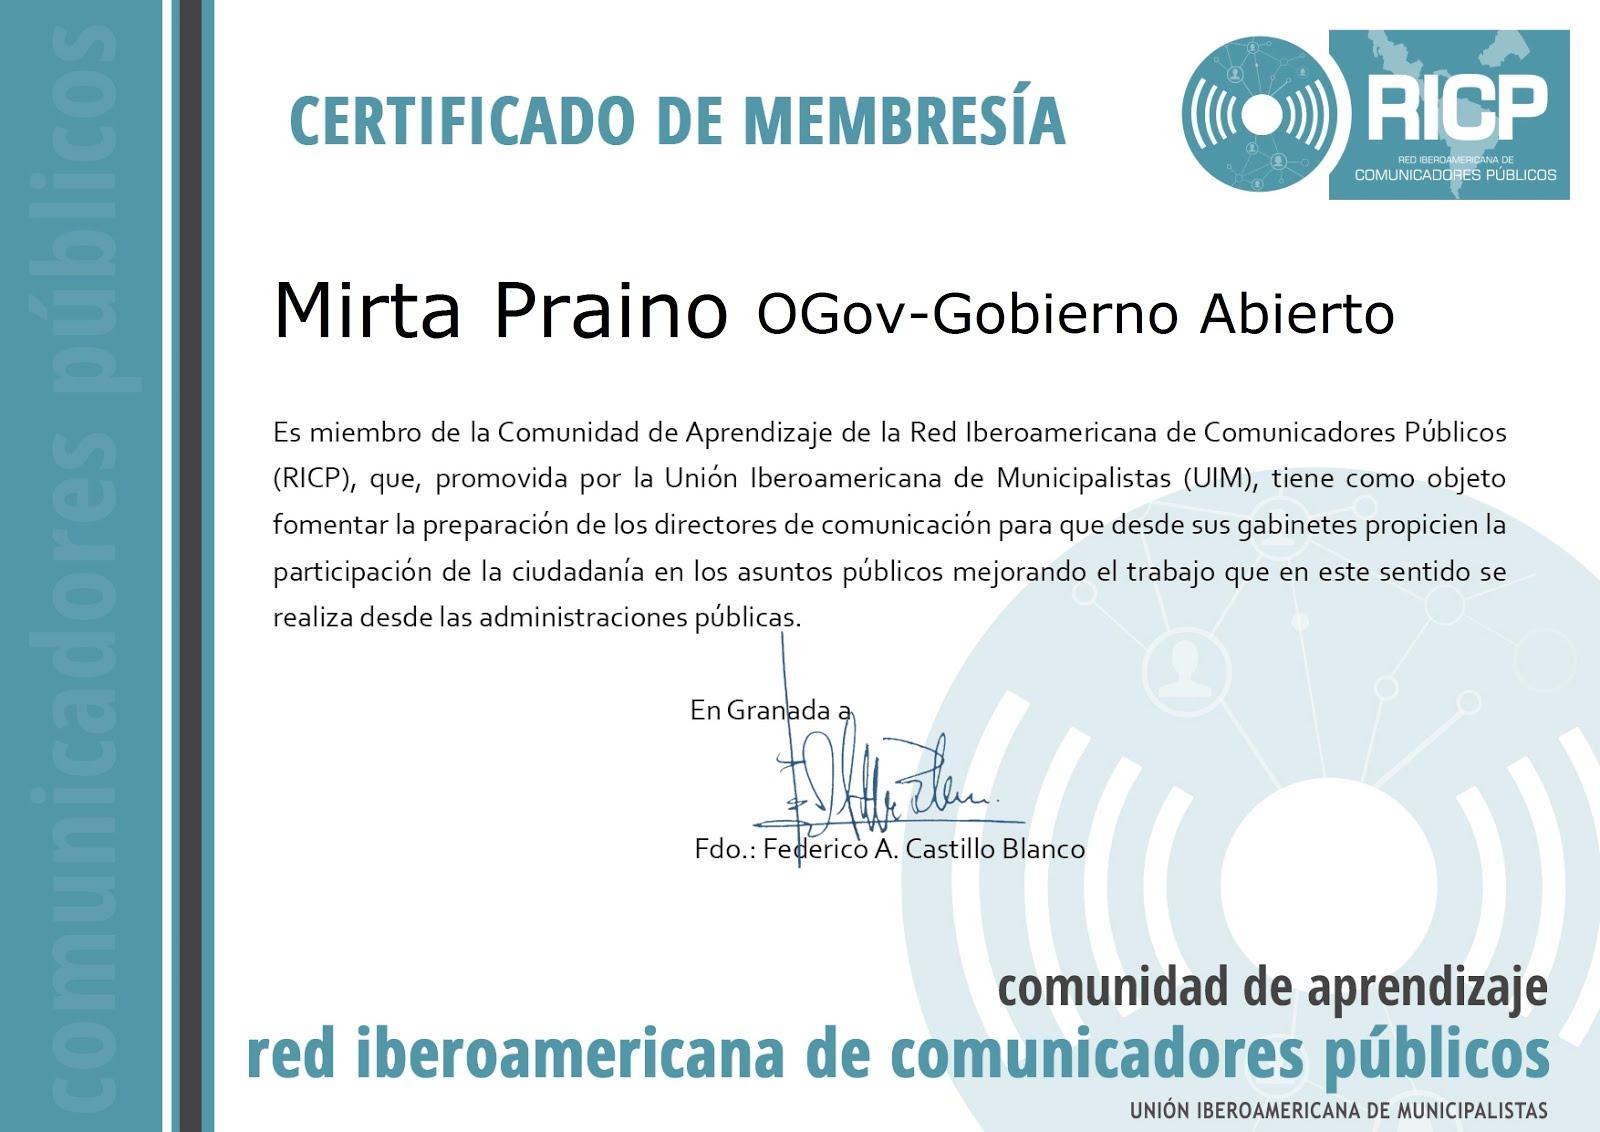 -Miembro de la Comunidad de Aprendizaje de la Red Iberoamericana de Comunicadores -RICP-